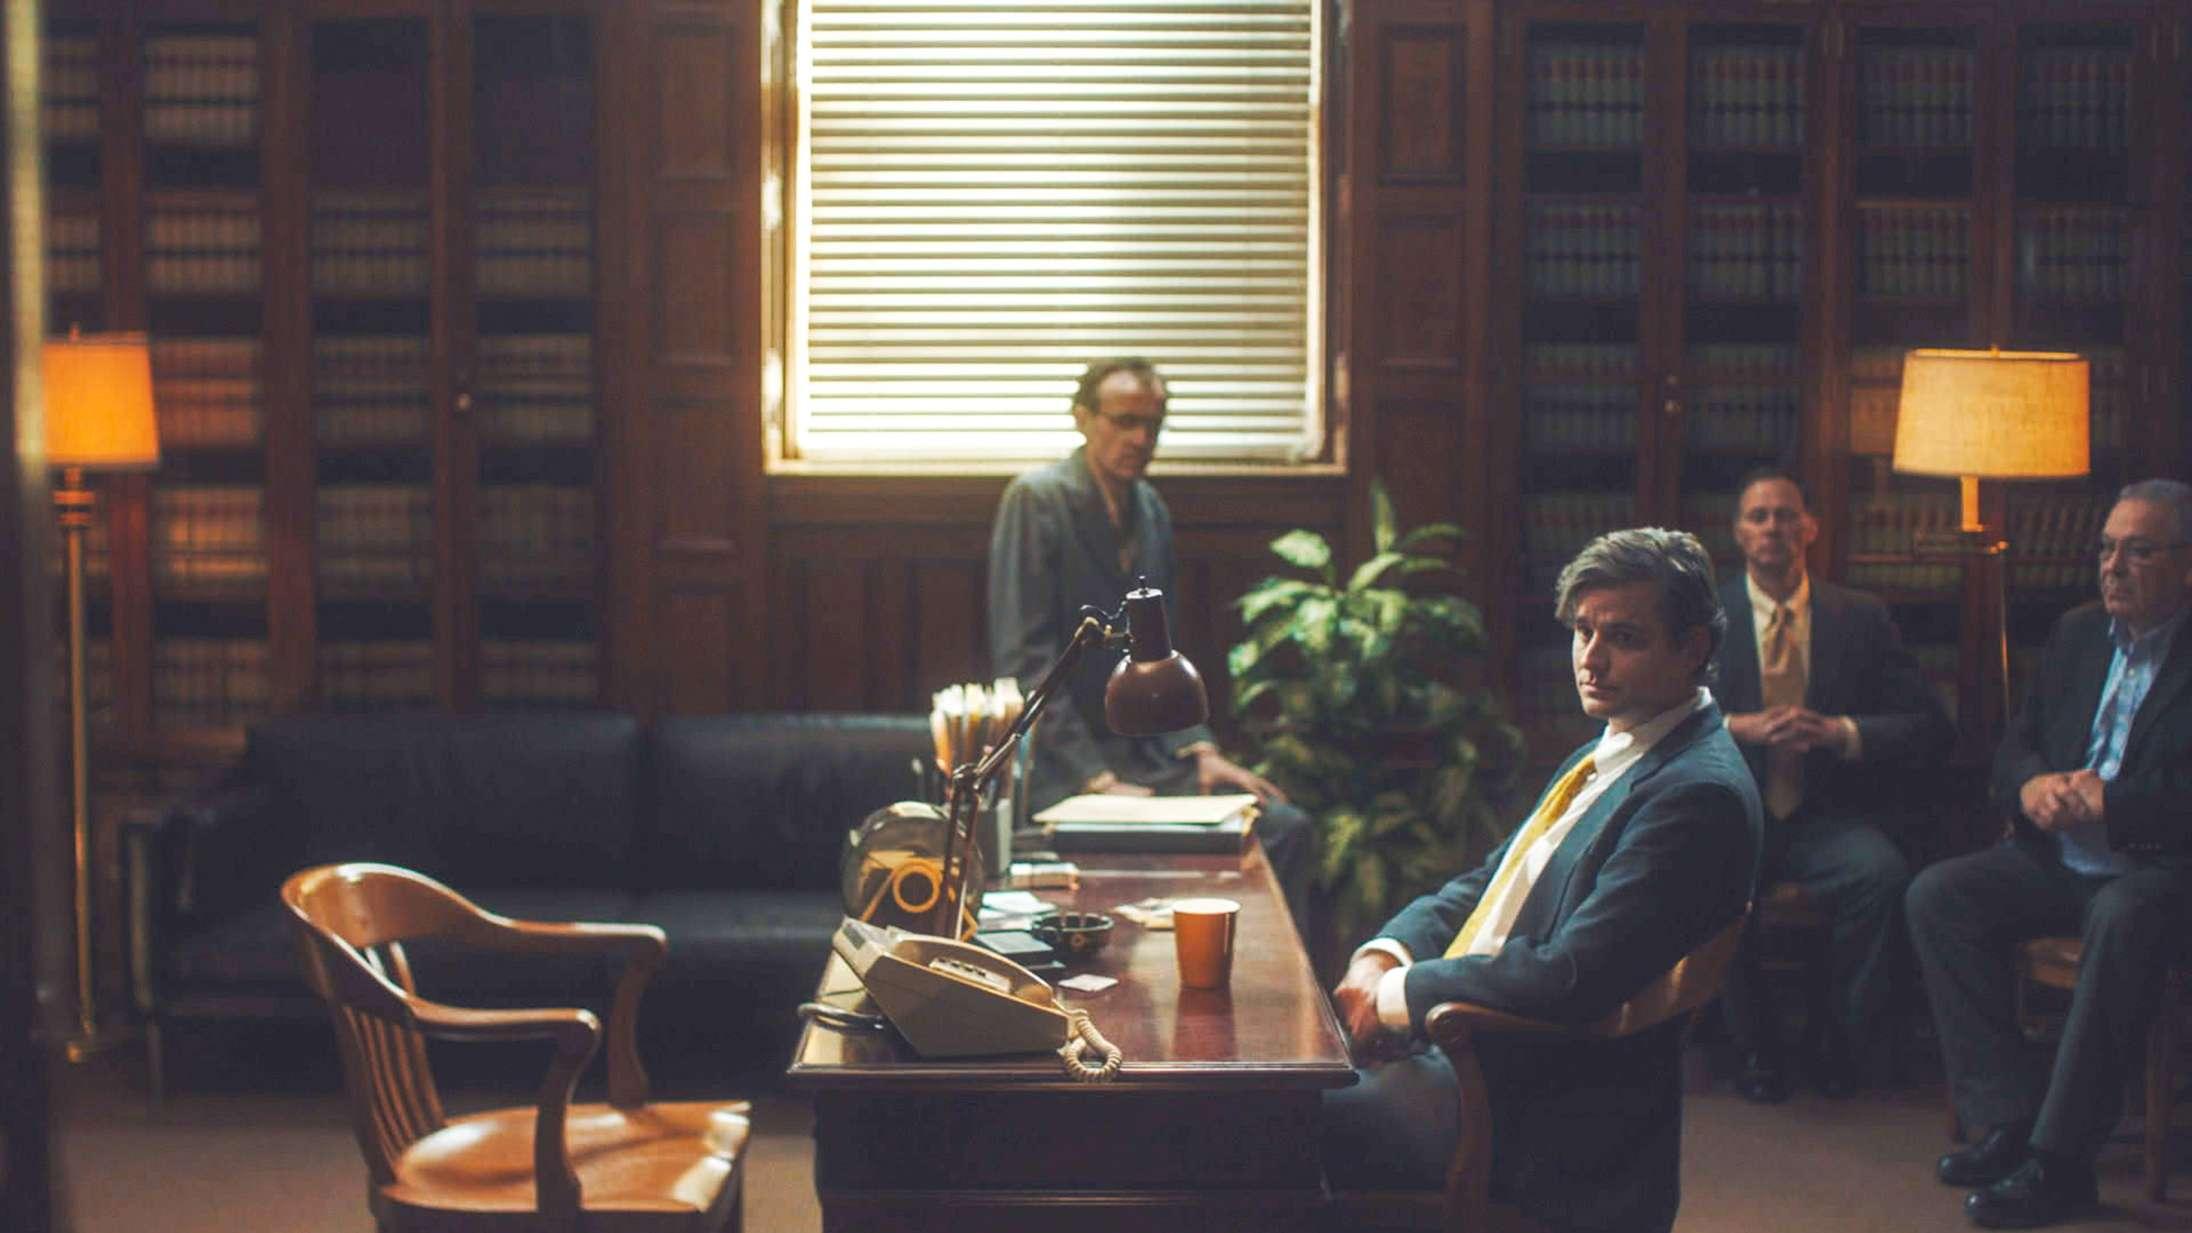 'Historien om et mord': 'The Jinx'-skaberes nye truecrime-serie lugter lidt af pikmåleri